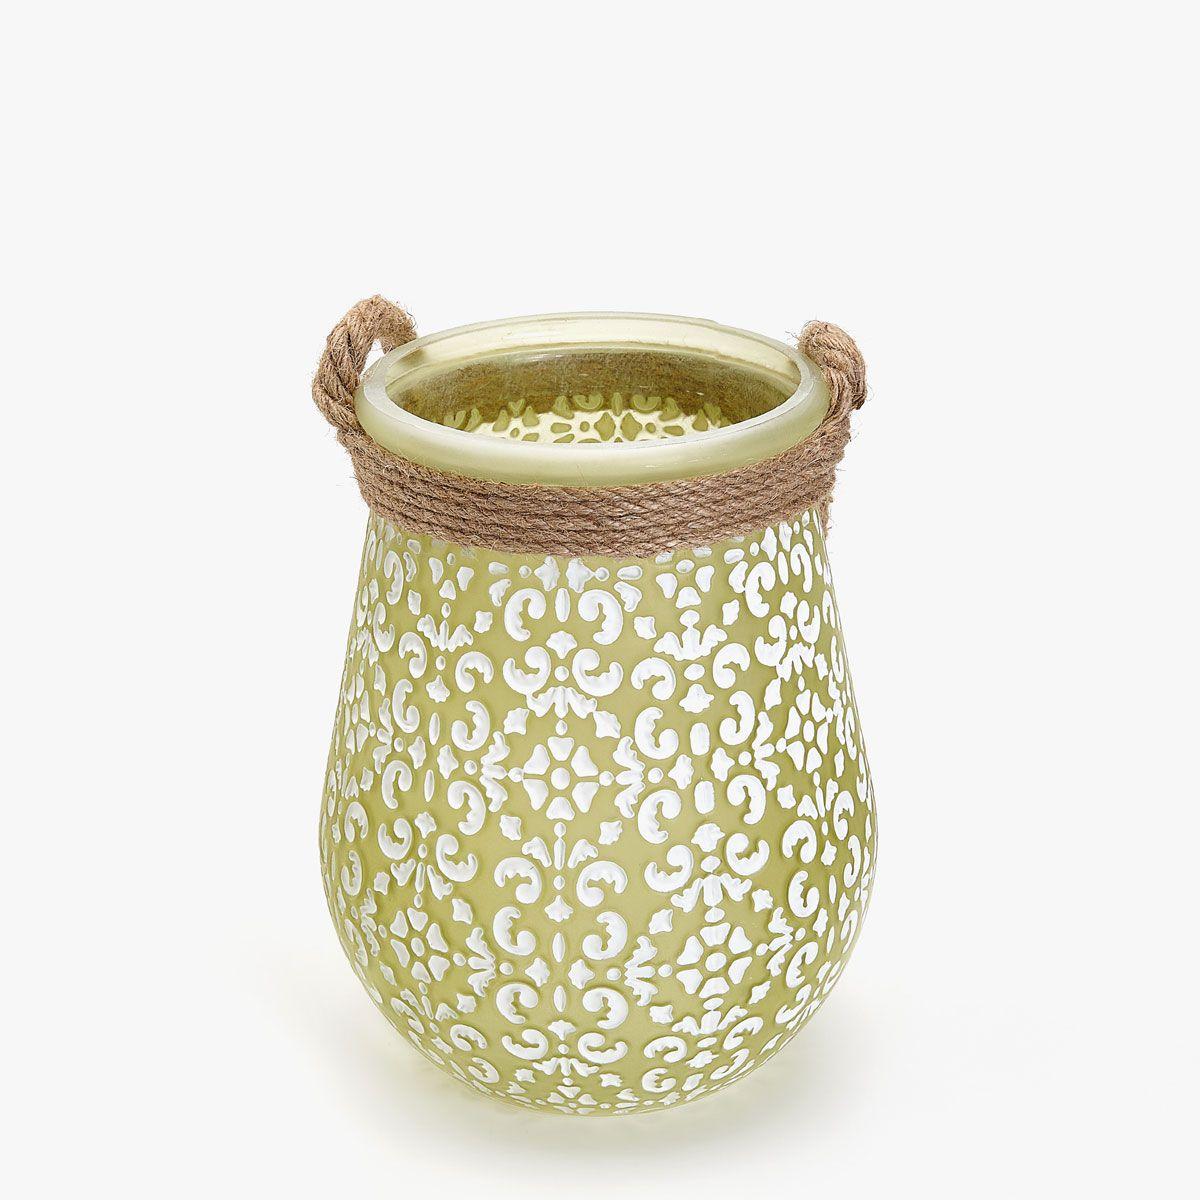 Image 1 du produit (With images) | Zara home, Home decor, Zara